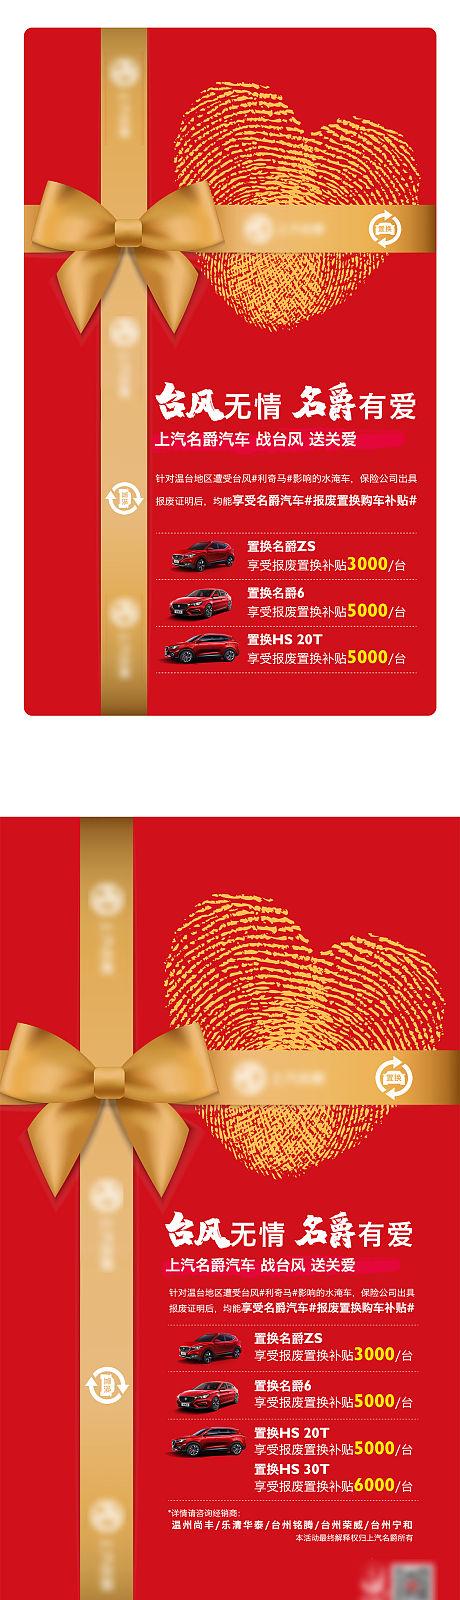 台风置换购车补贴微信画面-源文件